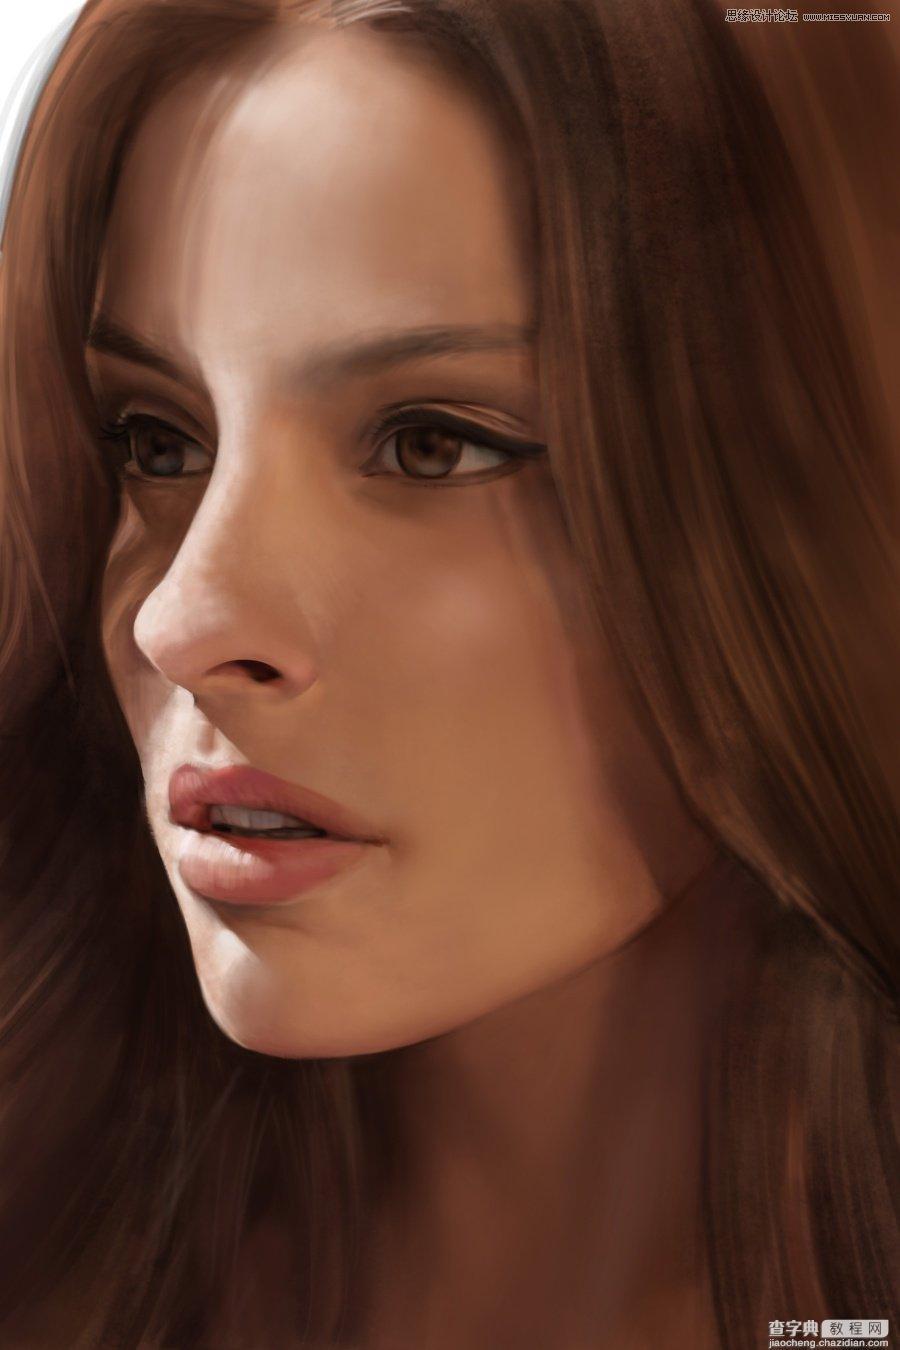 人物肖像绘画教程